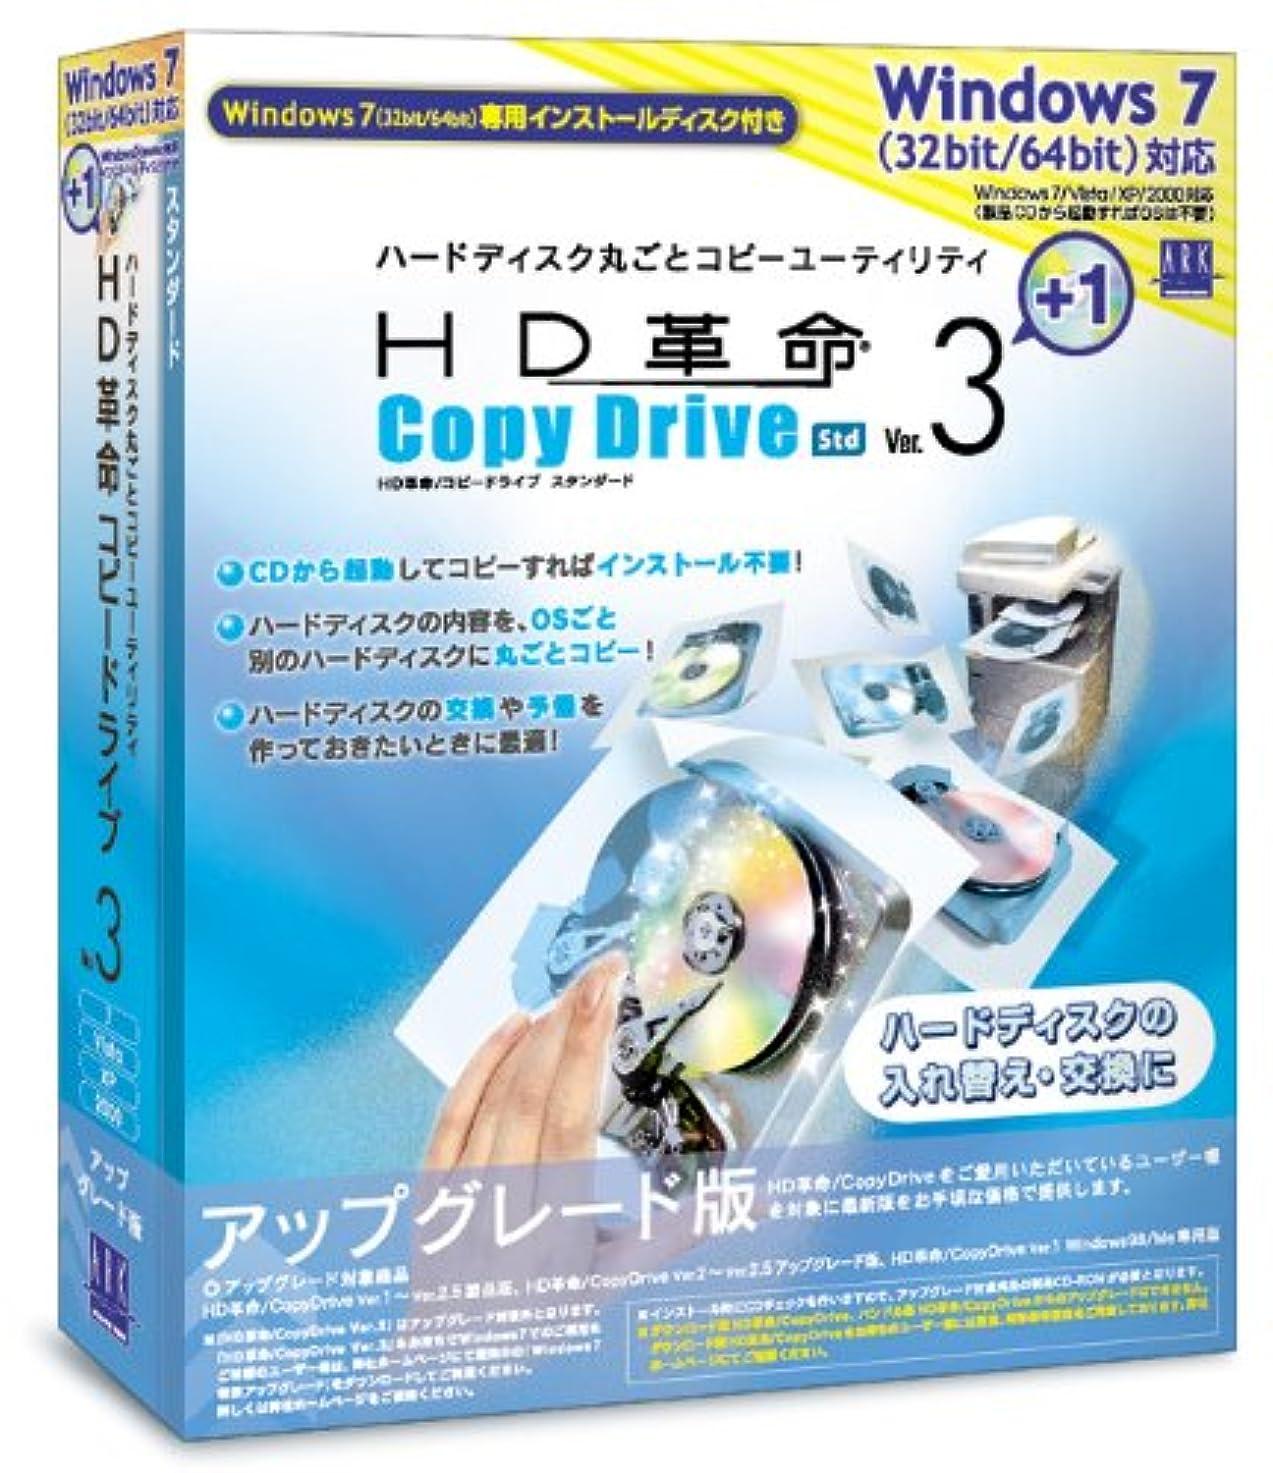 基準ピービッシュむき出しHD革命/CopyDrive Ver.3 for Windows7 Std アップグレード版